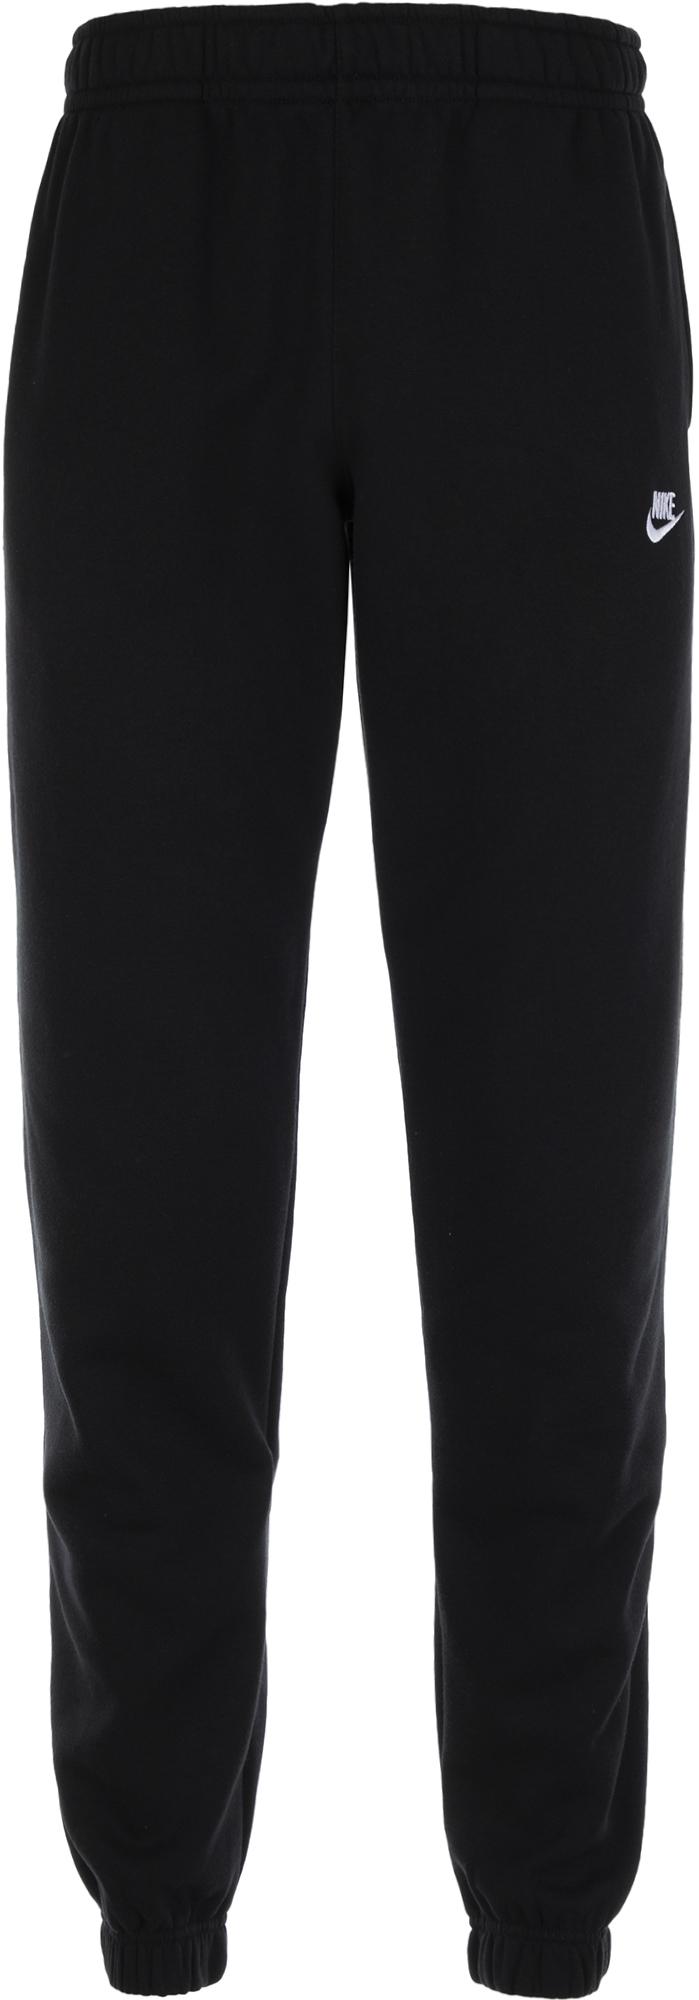 Nike Брюки мужские Club, размер 54-56